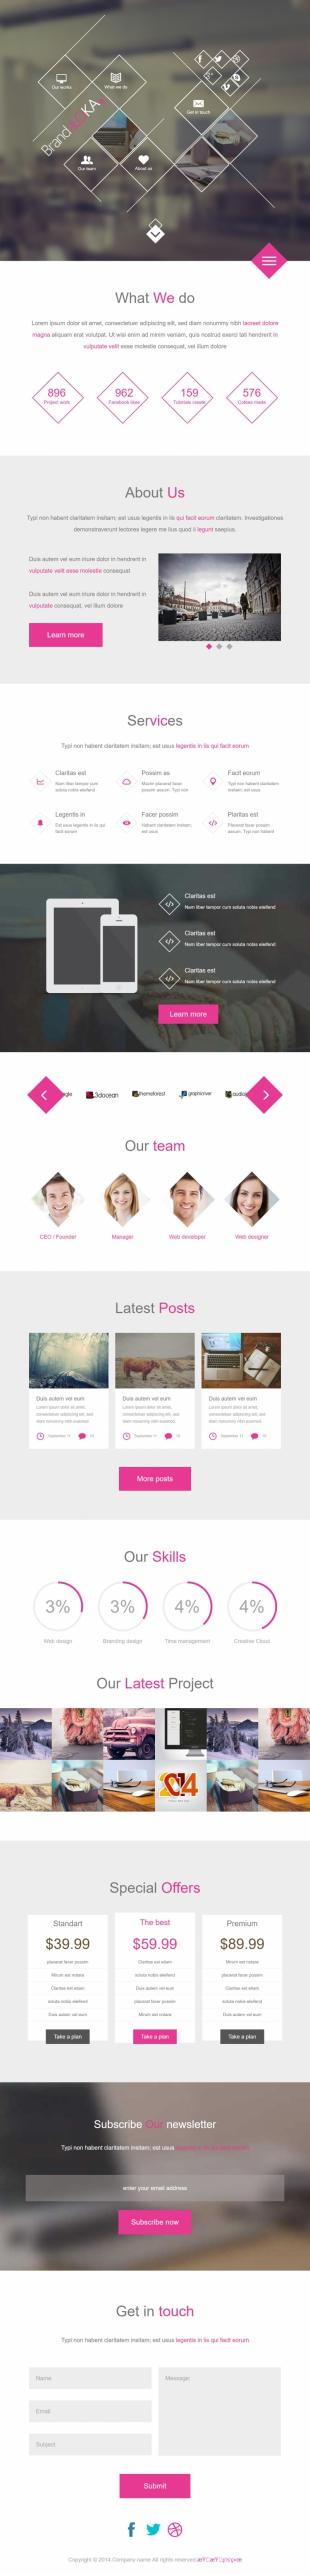 科技感超好的企业站英文模板网站响应式网站电脑图片